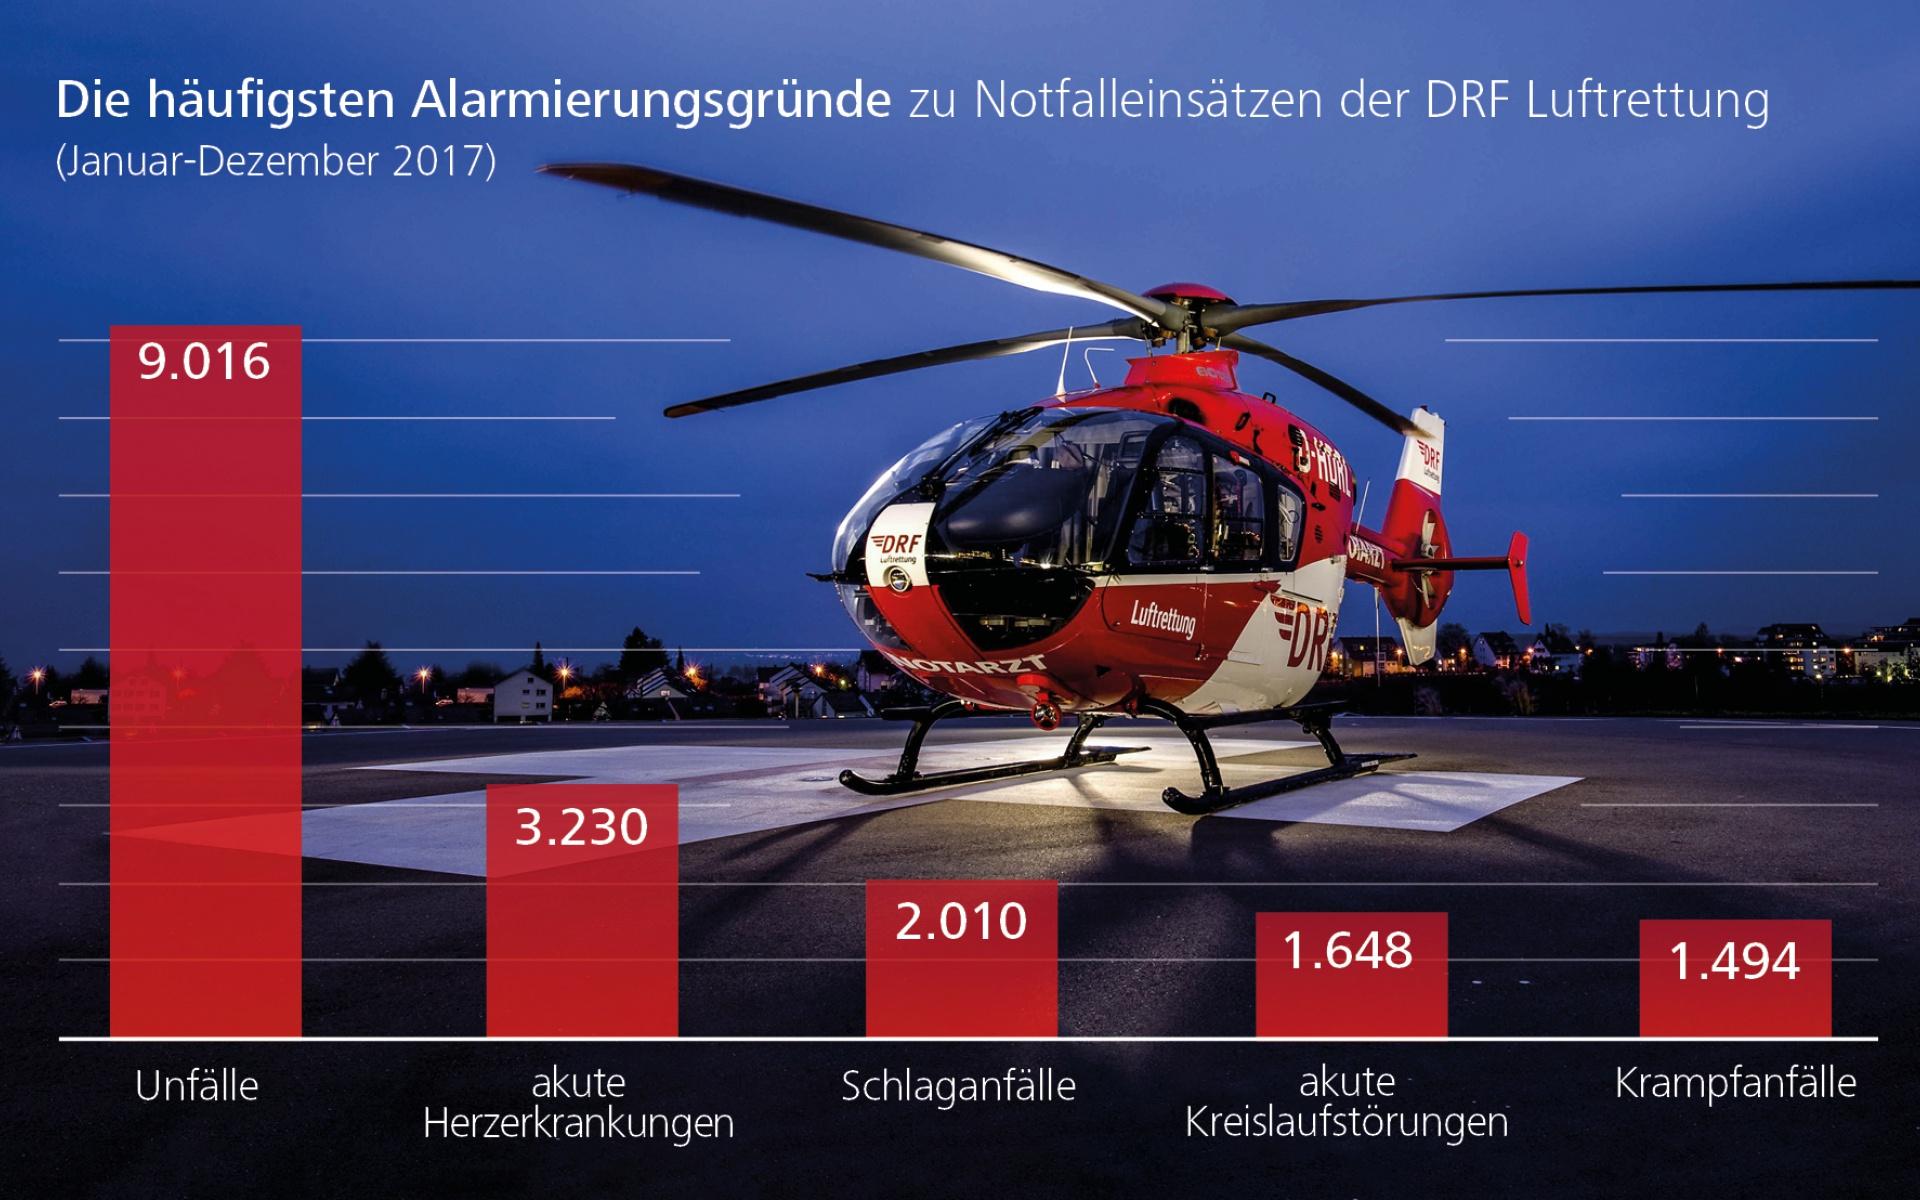 Rund 100-mal täglich wurde die DRF Luftrettung 2017 alarmiert - meist wegen Unfällen, akuten Herzerkrankungen und Schlaganfällen.